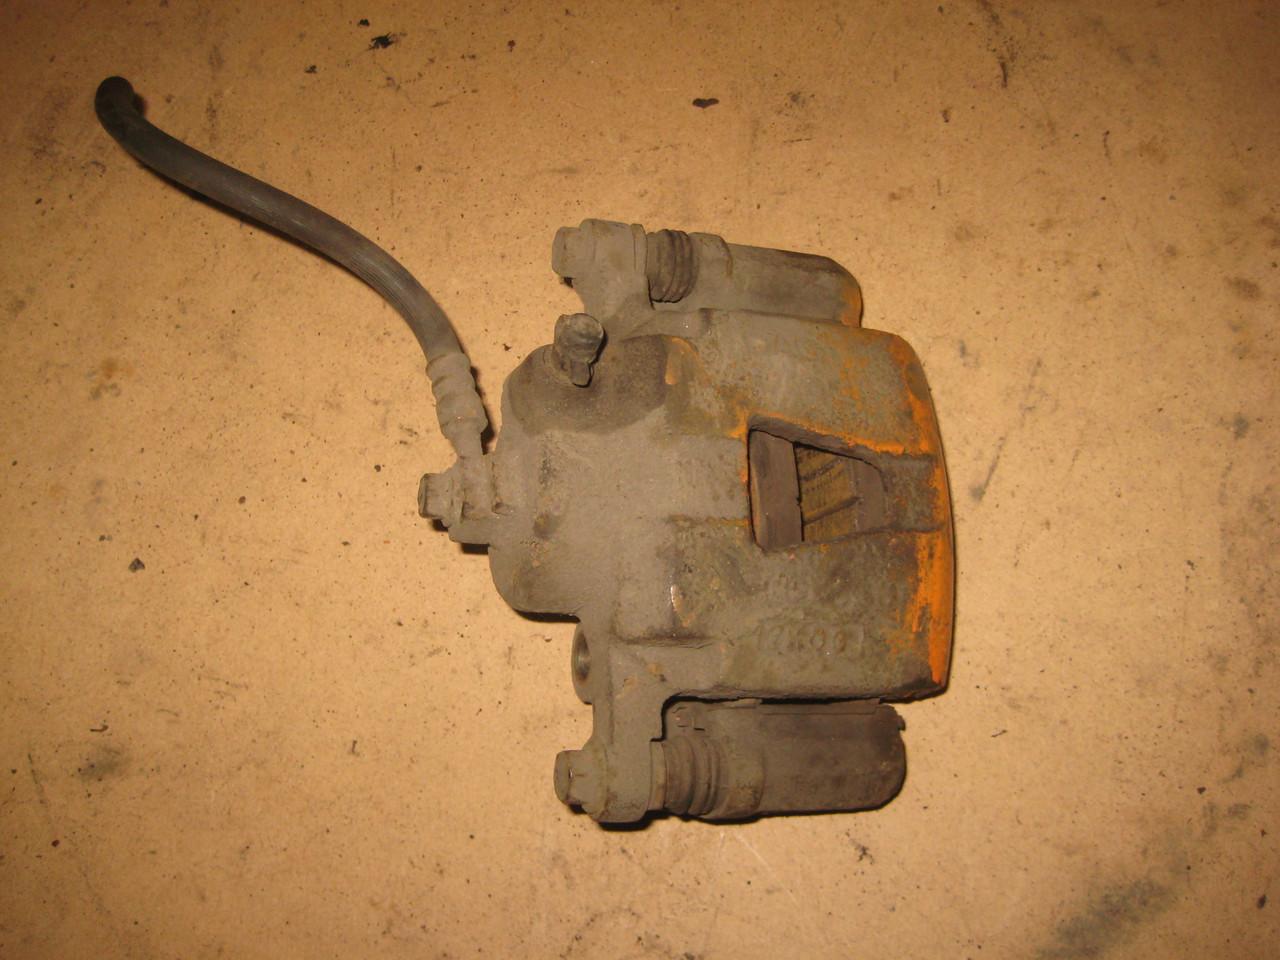 Цилиндр тормозной суппорт левый передний Daewoo Lanos Sens Деу Део Ланос Cенс